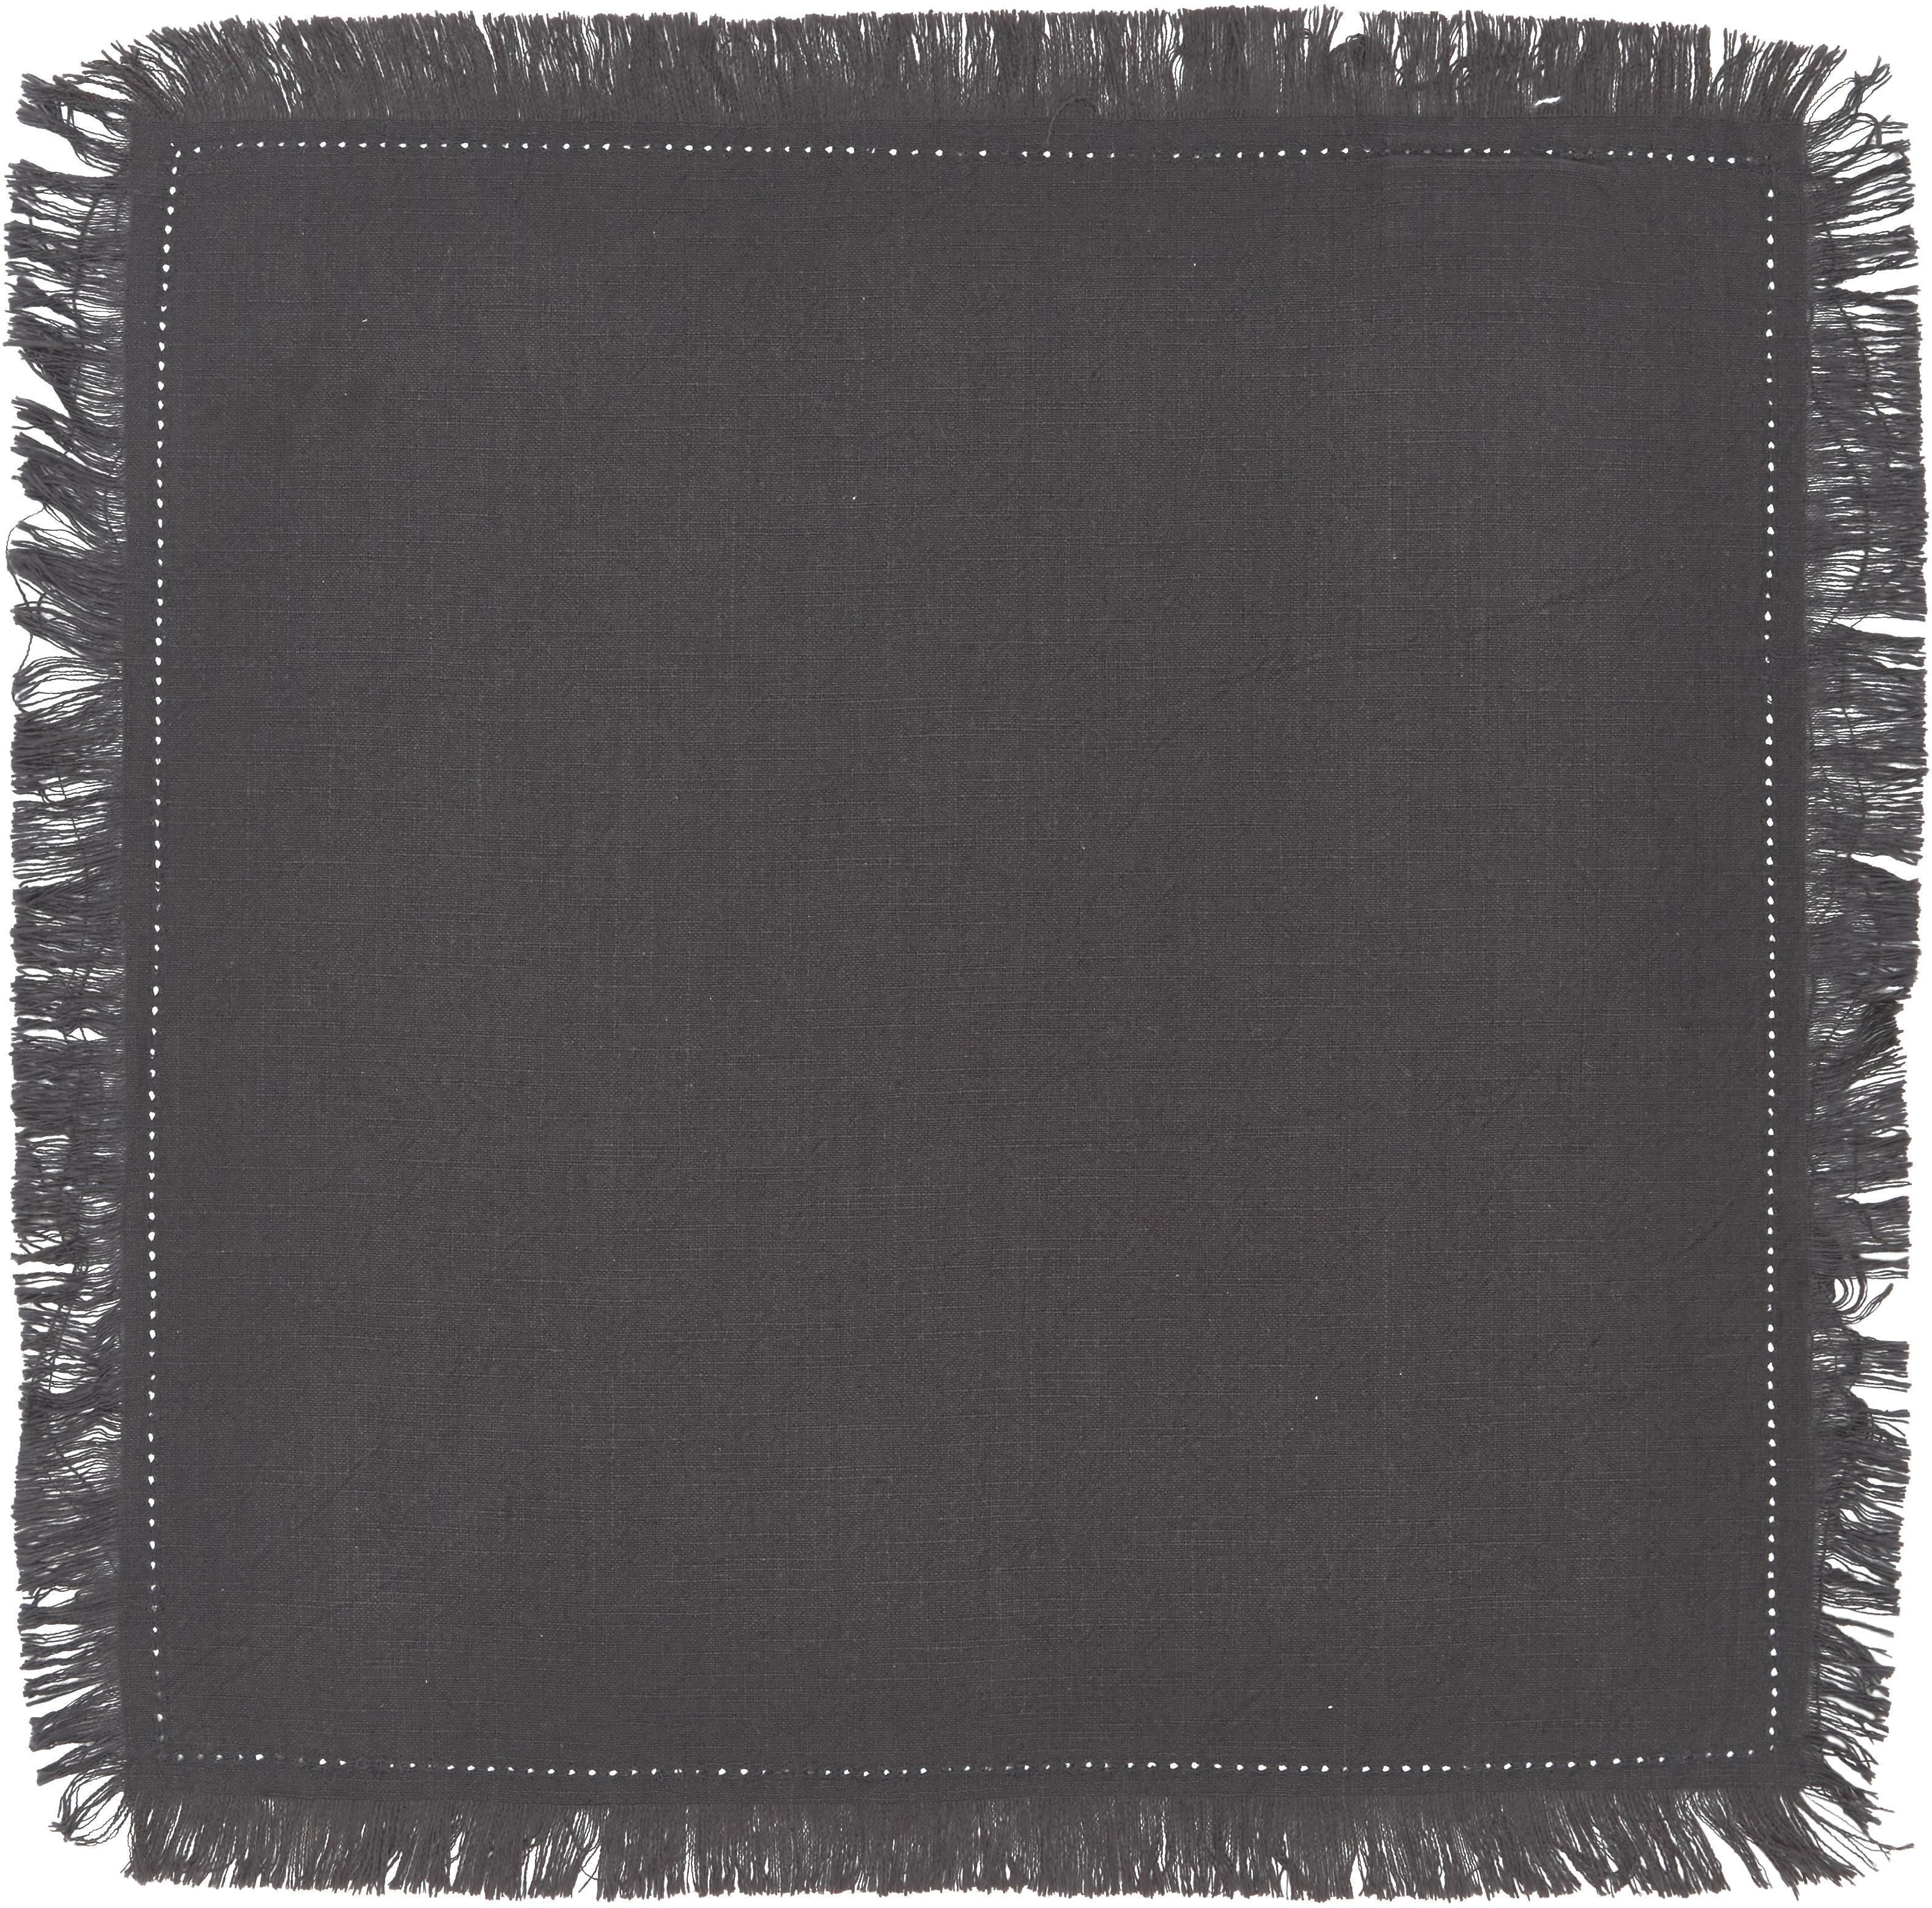 Serwetka z bawełny z frędzlami Hilma, 2 szt., Bawełna, Czarny, S 45 cm x D 45 cm